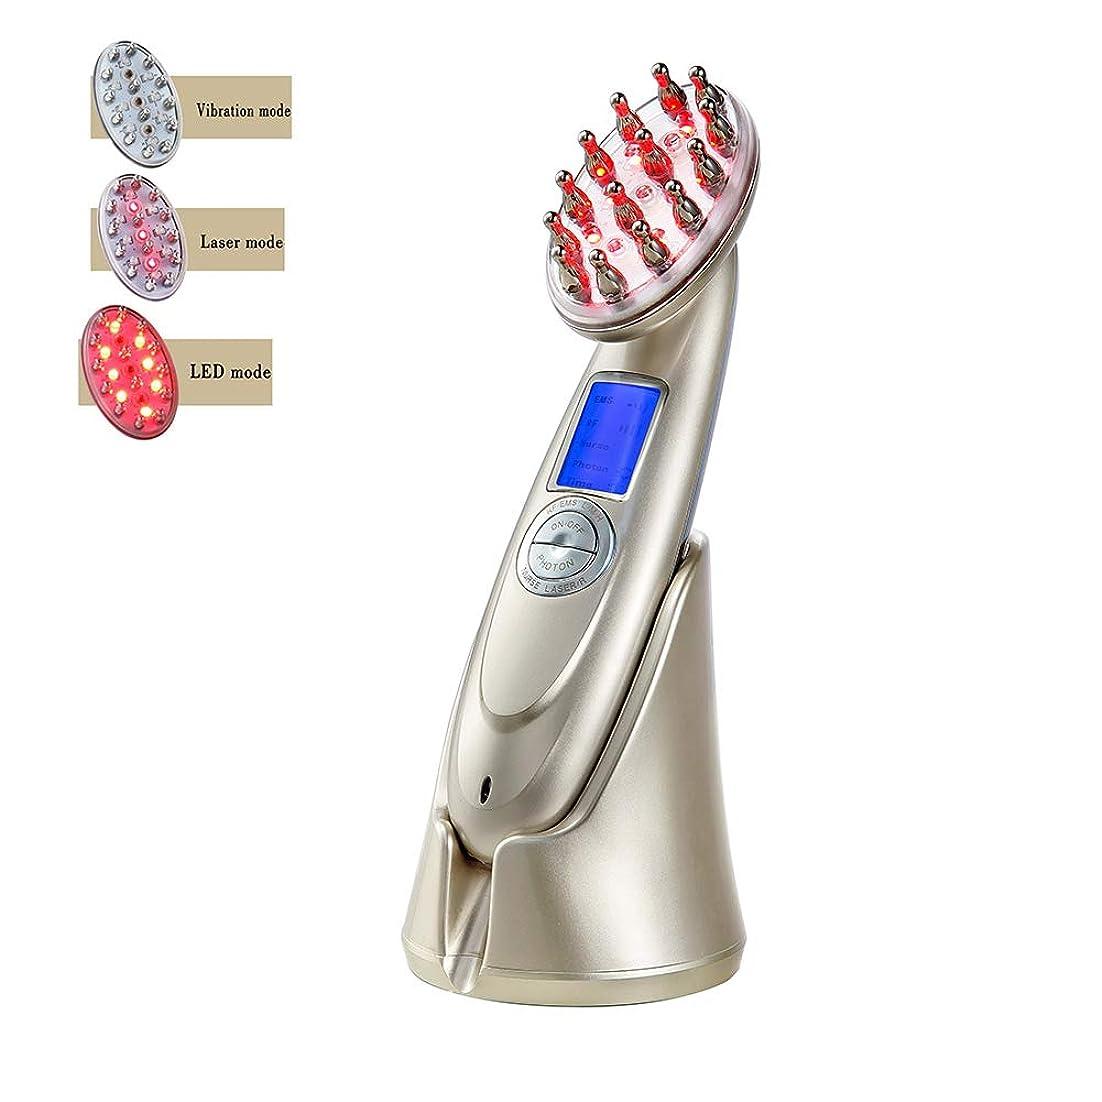 柔らかさ十二等価プロの電気髪成長レーザー櫛 RF EMS LED 光子光療法ブラシ抗脱毛治療マッサージヘア再生ブラシ